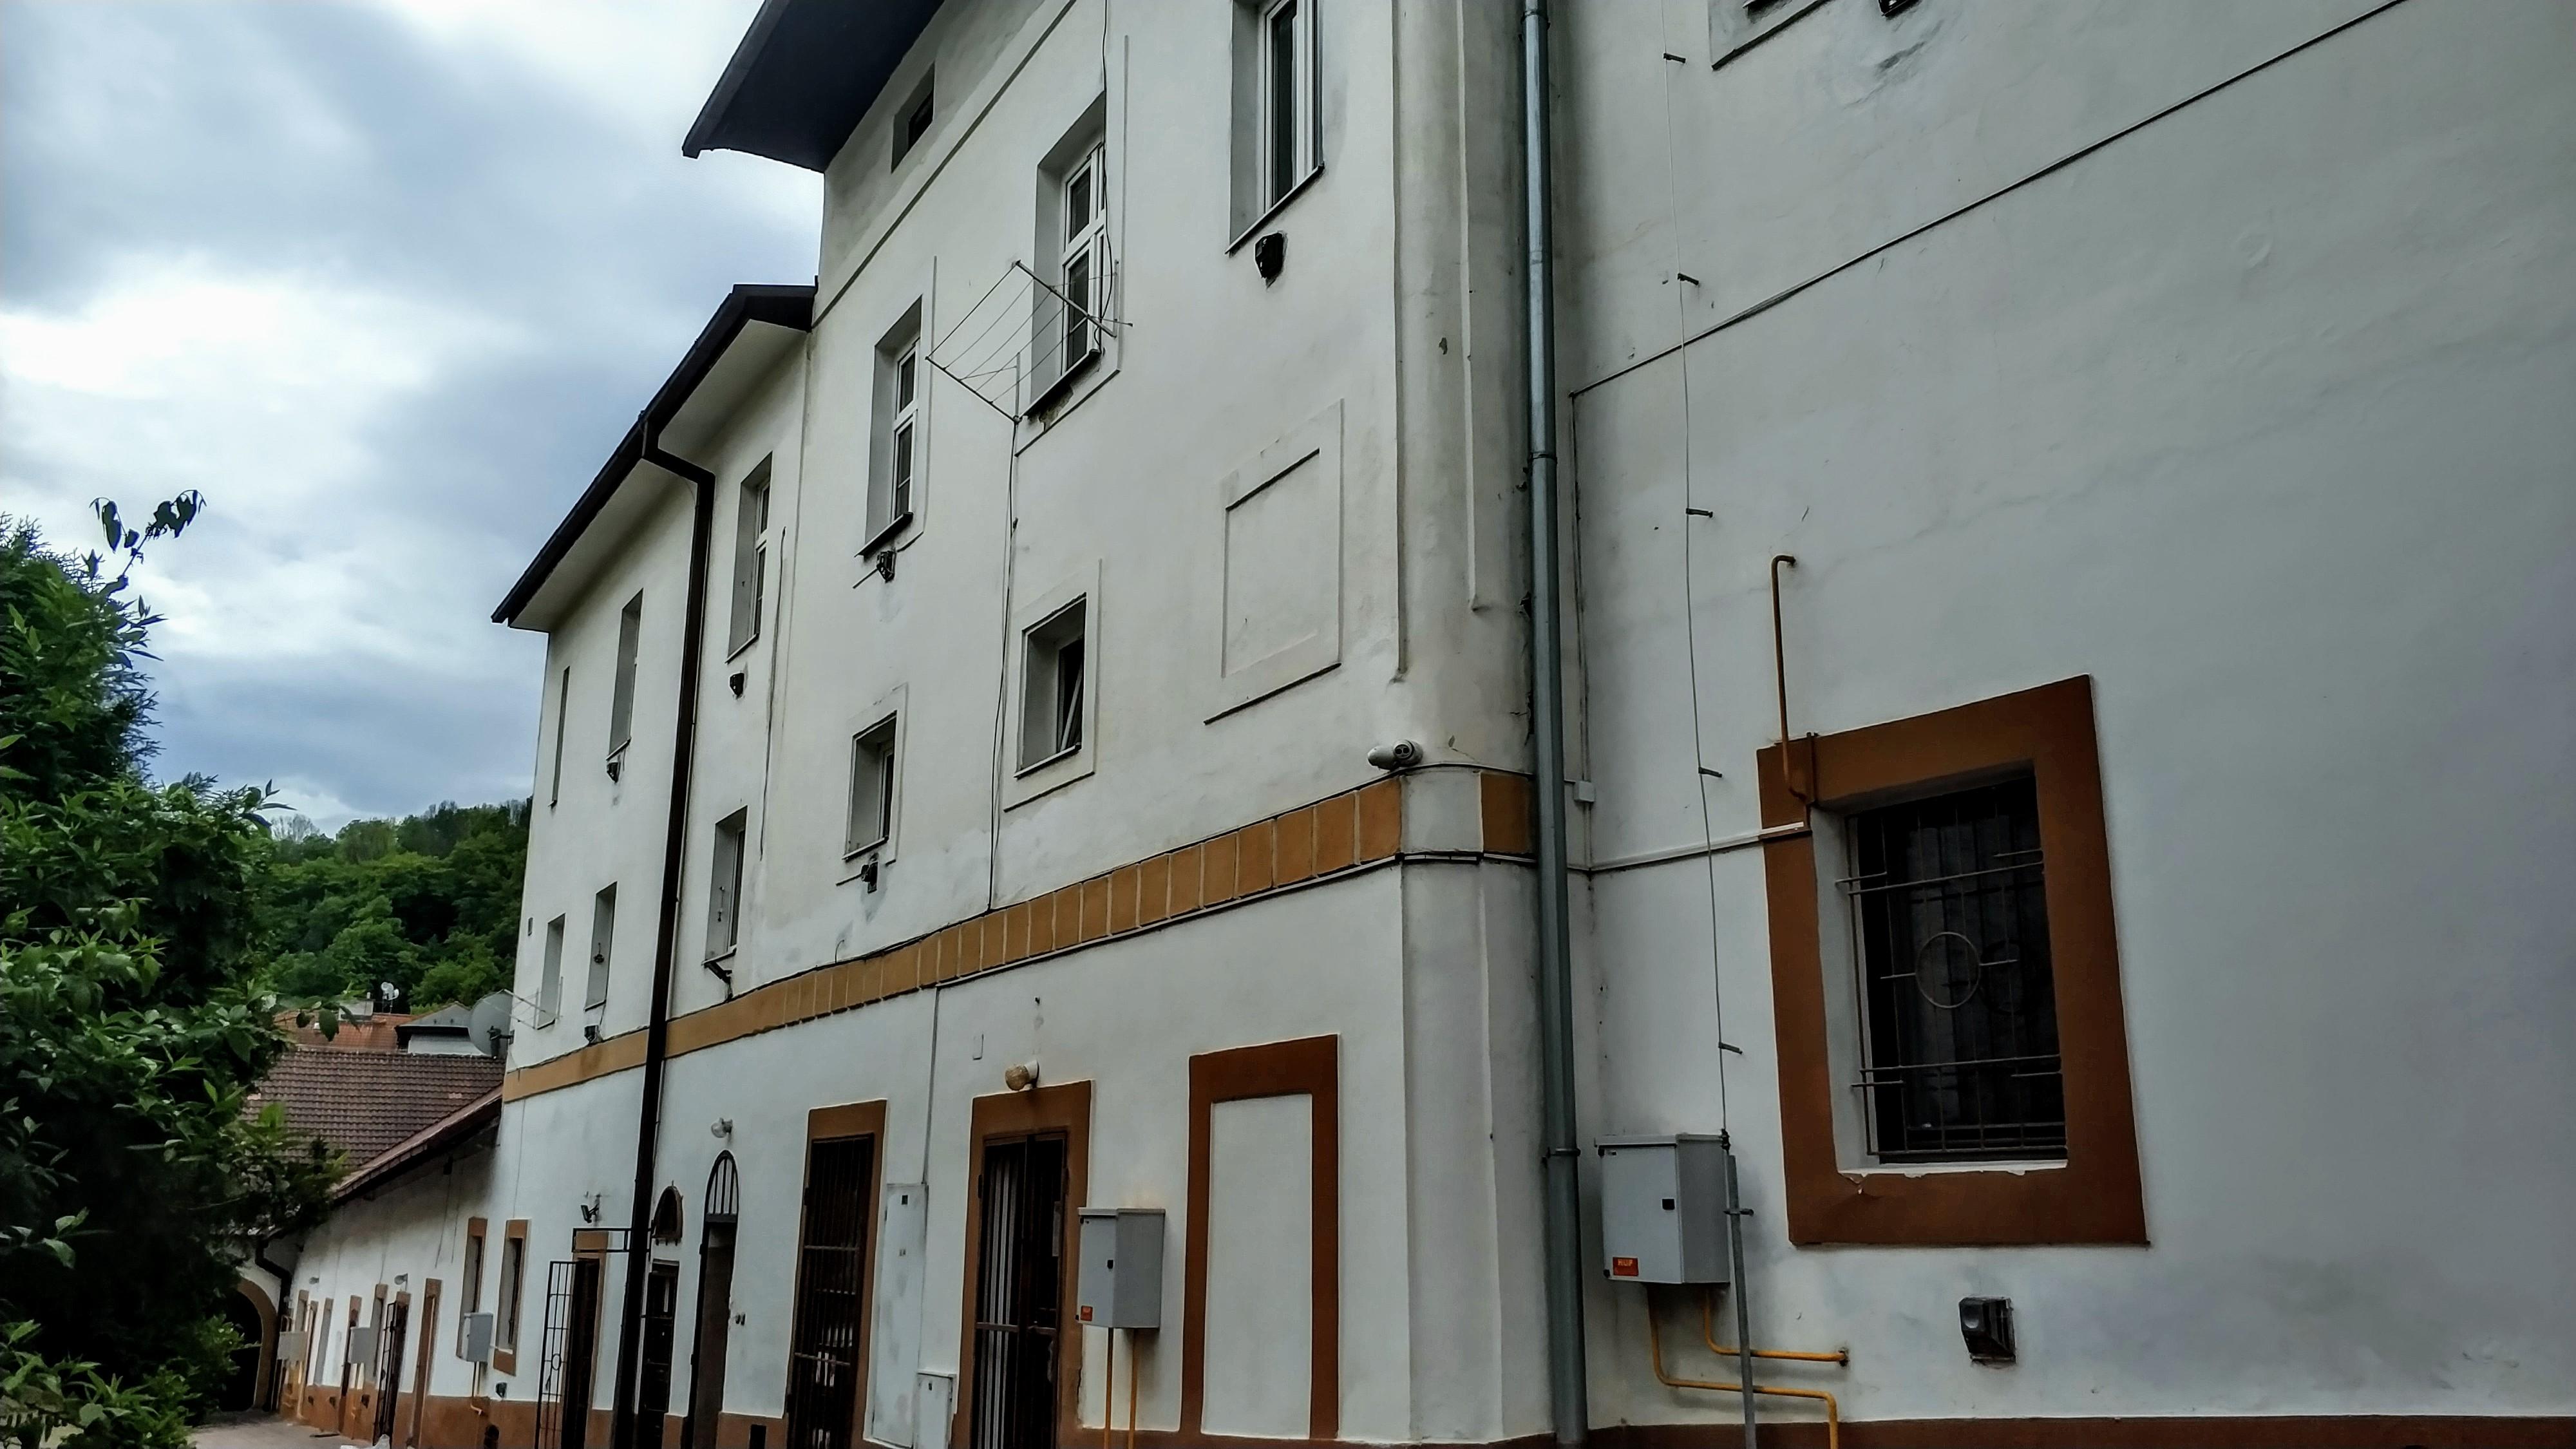 Byty v Banskej Bystrici, Slovensko